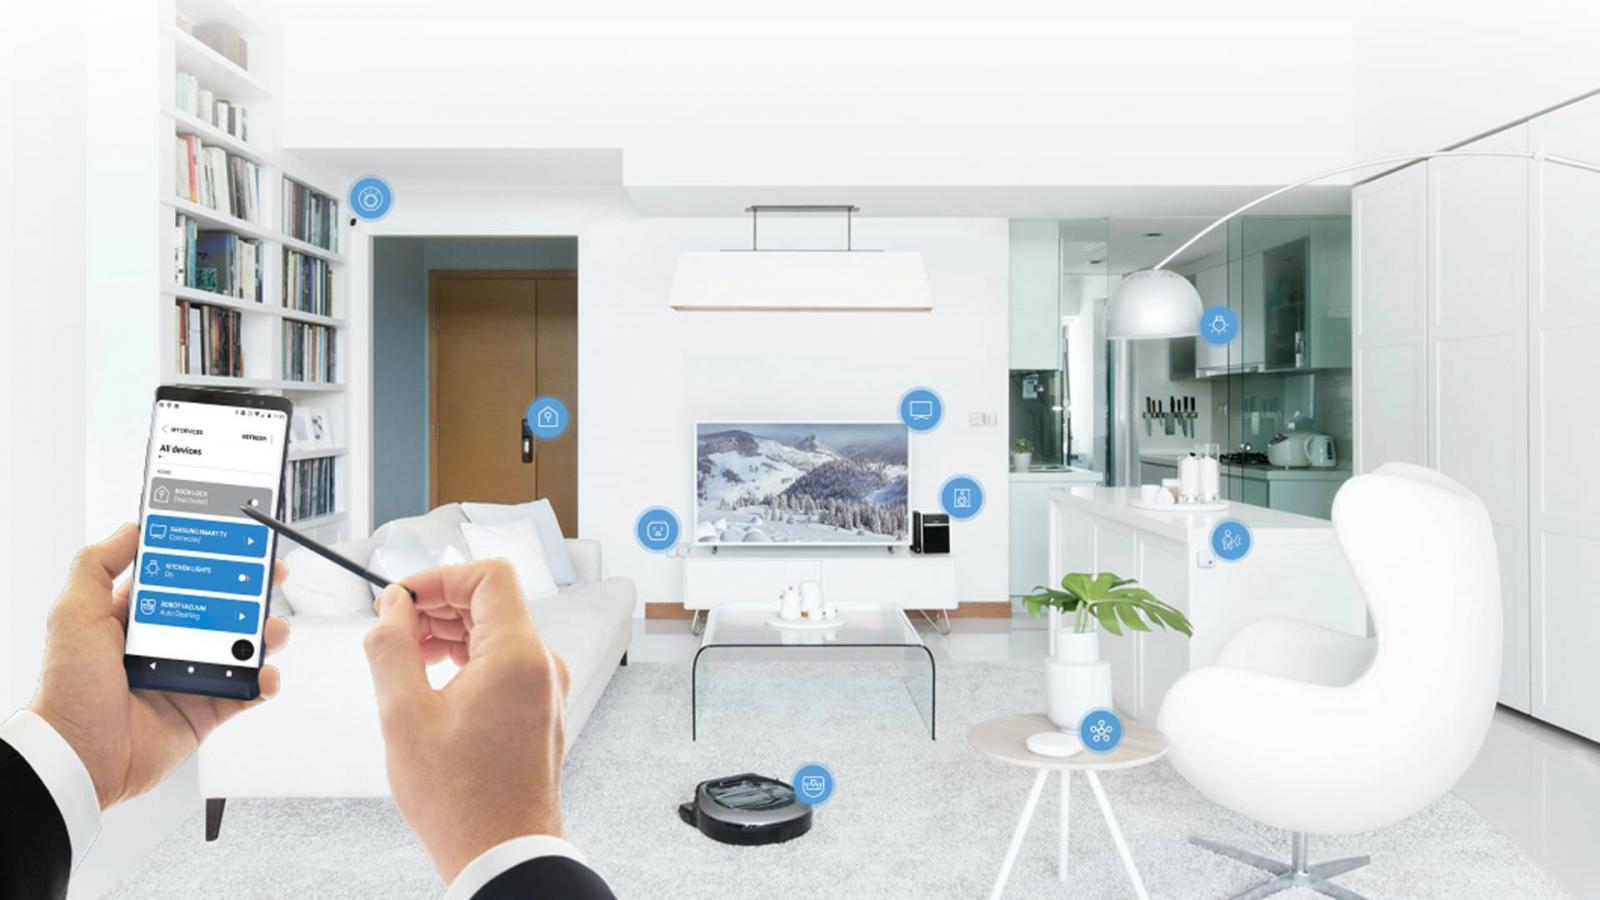 Τα νέα μοντέλα κλιματιστικών διαθέτουν λειτουργίες ασύρματου χειρισμού μέσω WiFi